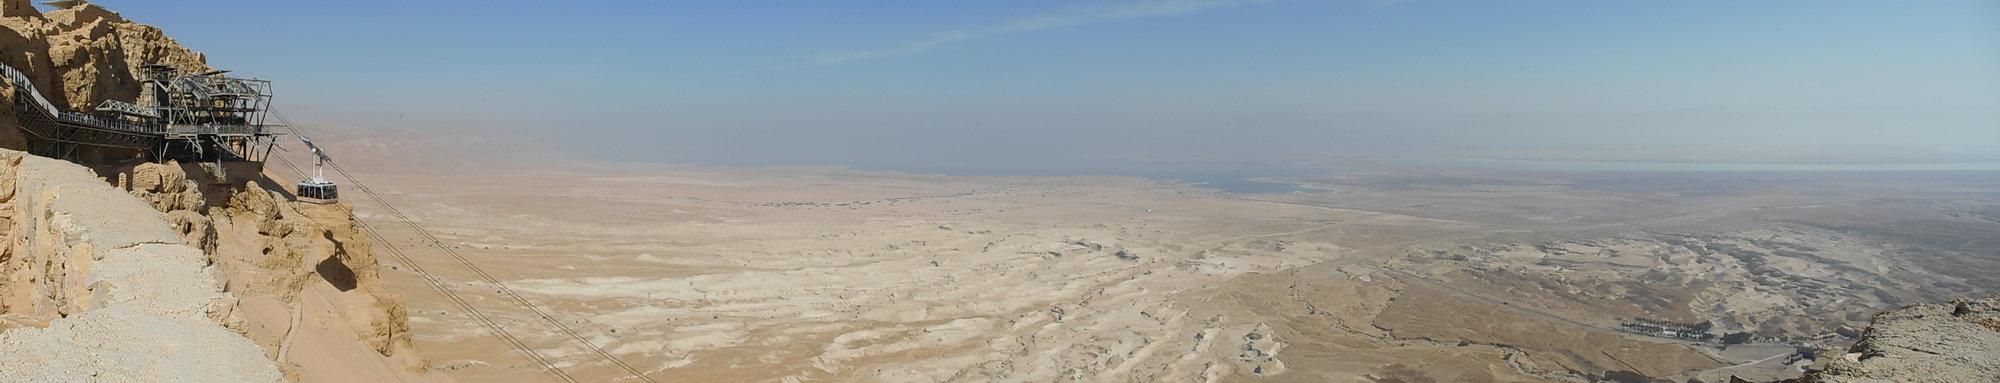 pohled z pevnosti Masada